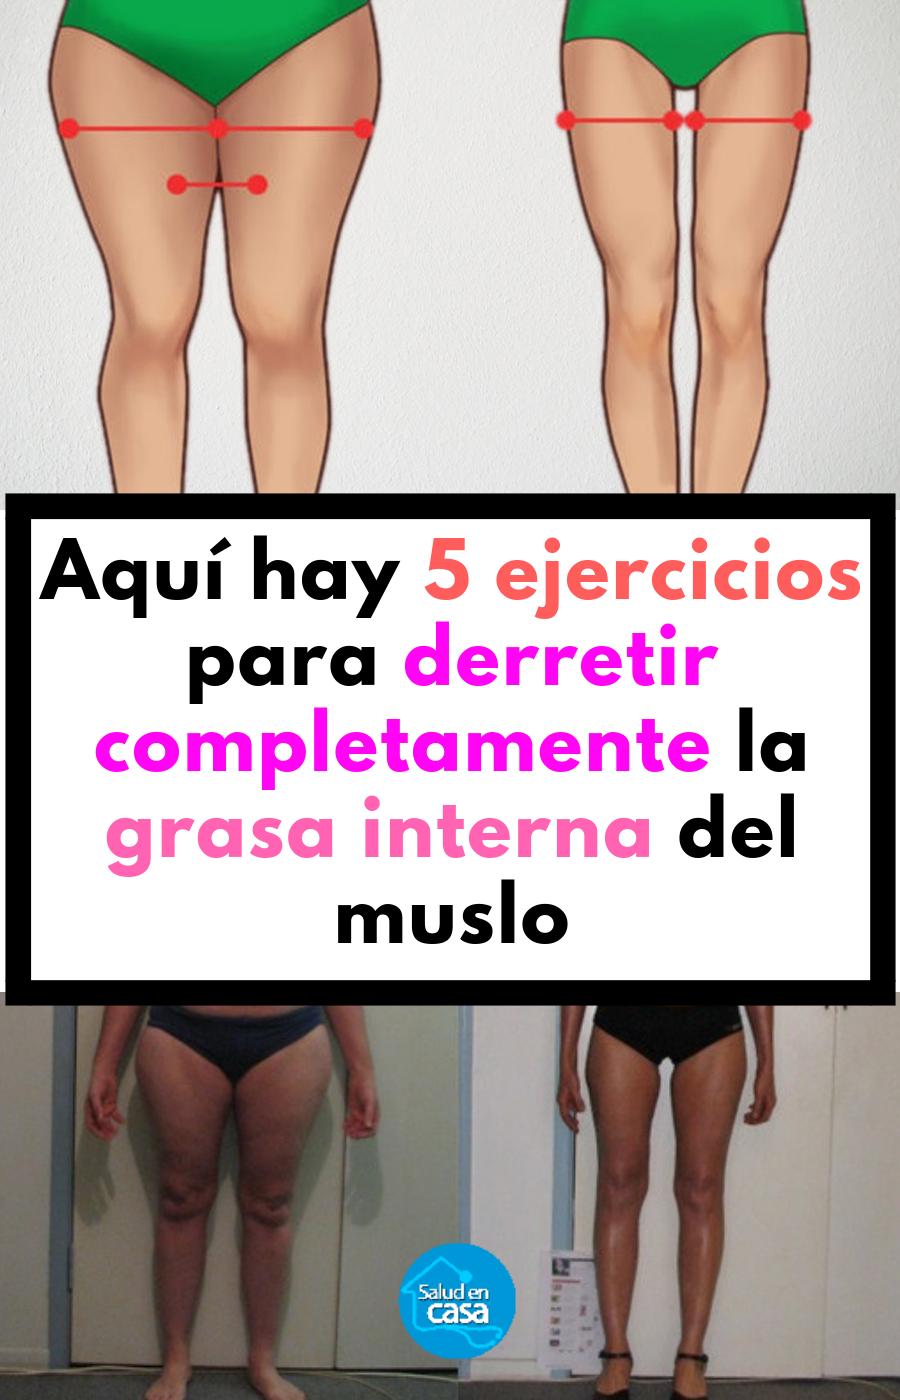 ejercicios aeróbicos para perder grasa del muslo